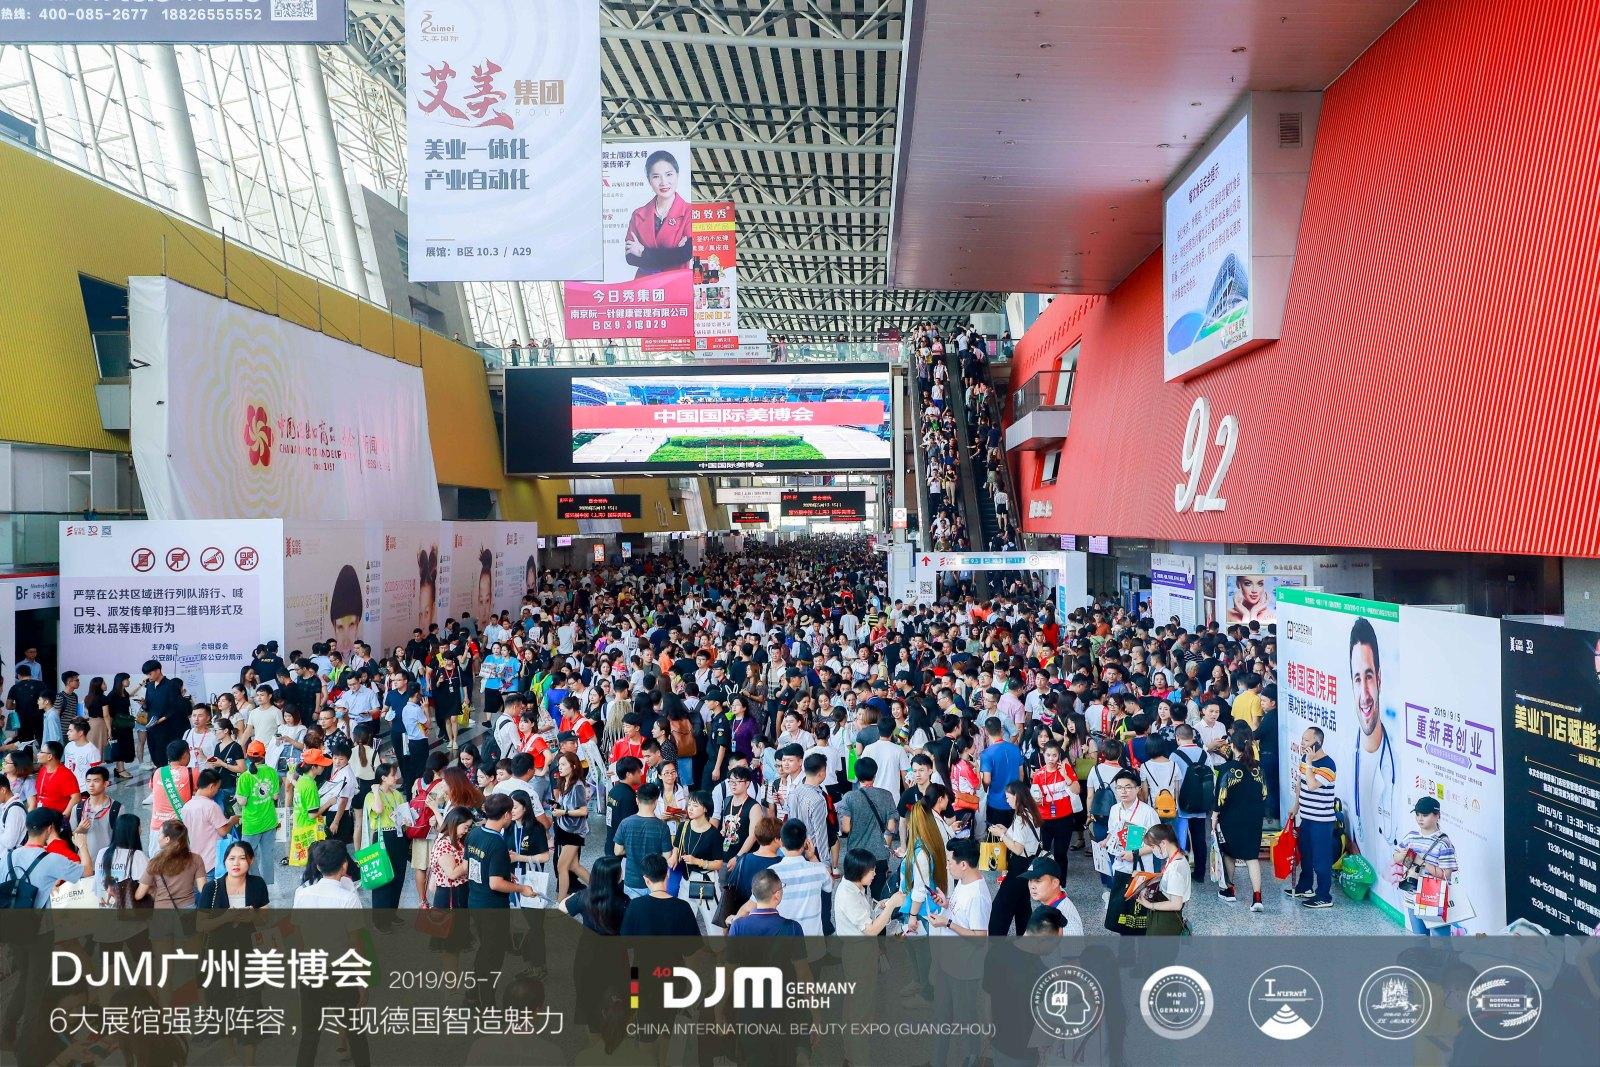 德国DJM助力广州美博会,尽现智造魅力!_德国新闻_德国中文网